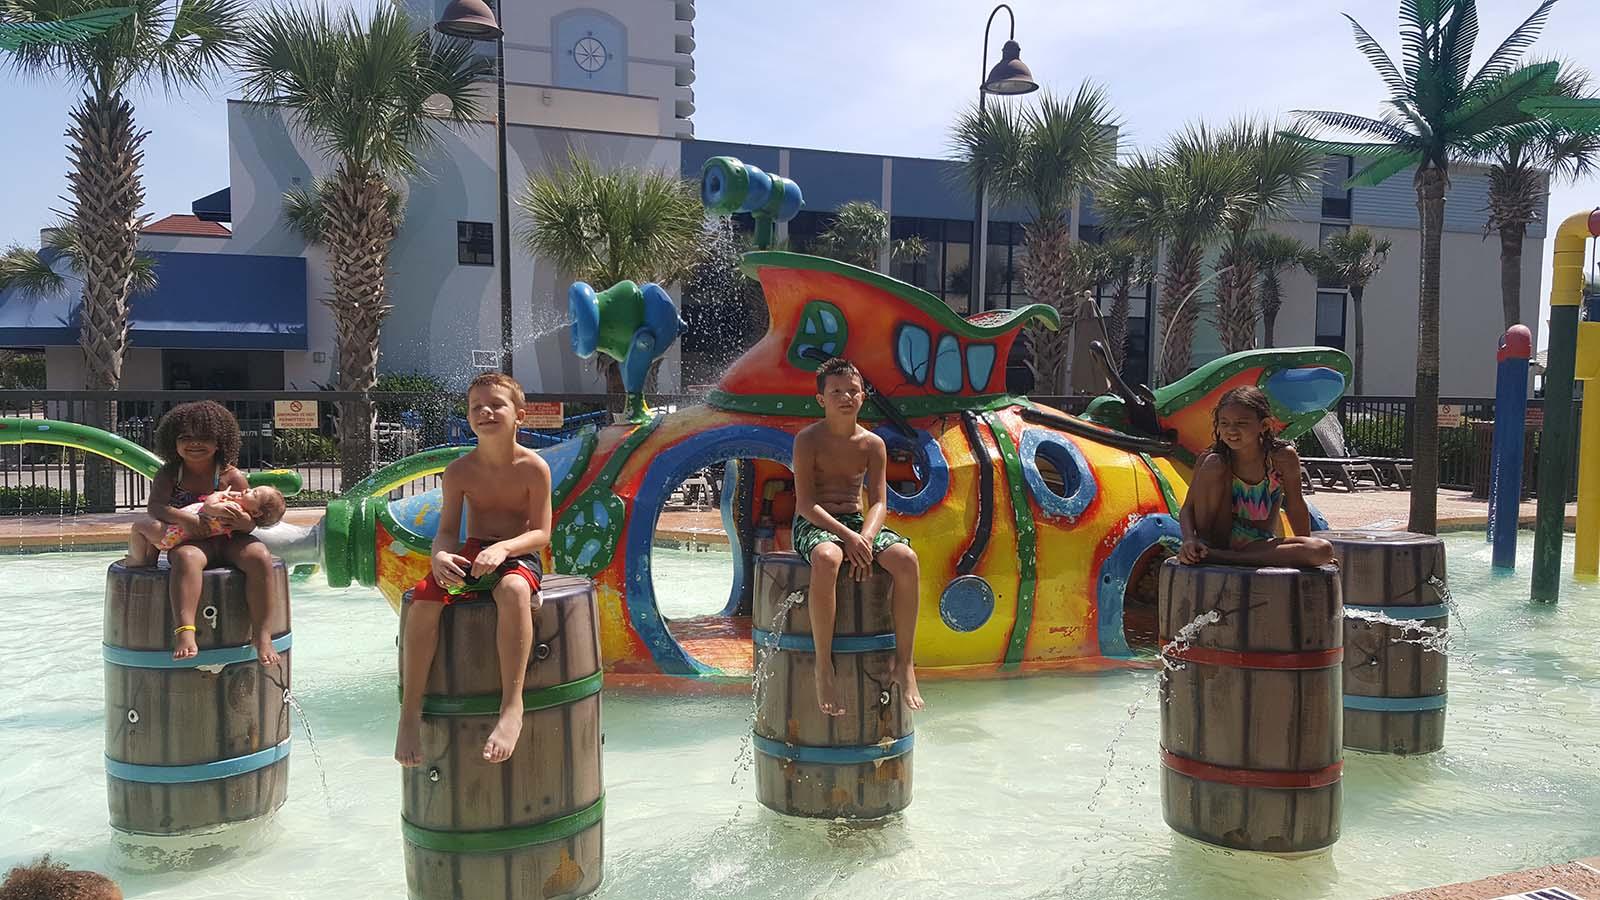 Multiple kids sitting on barrels in waterpark